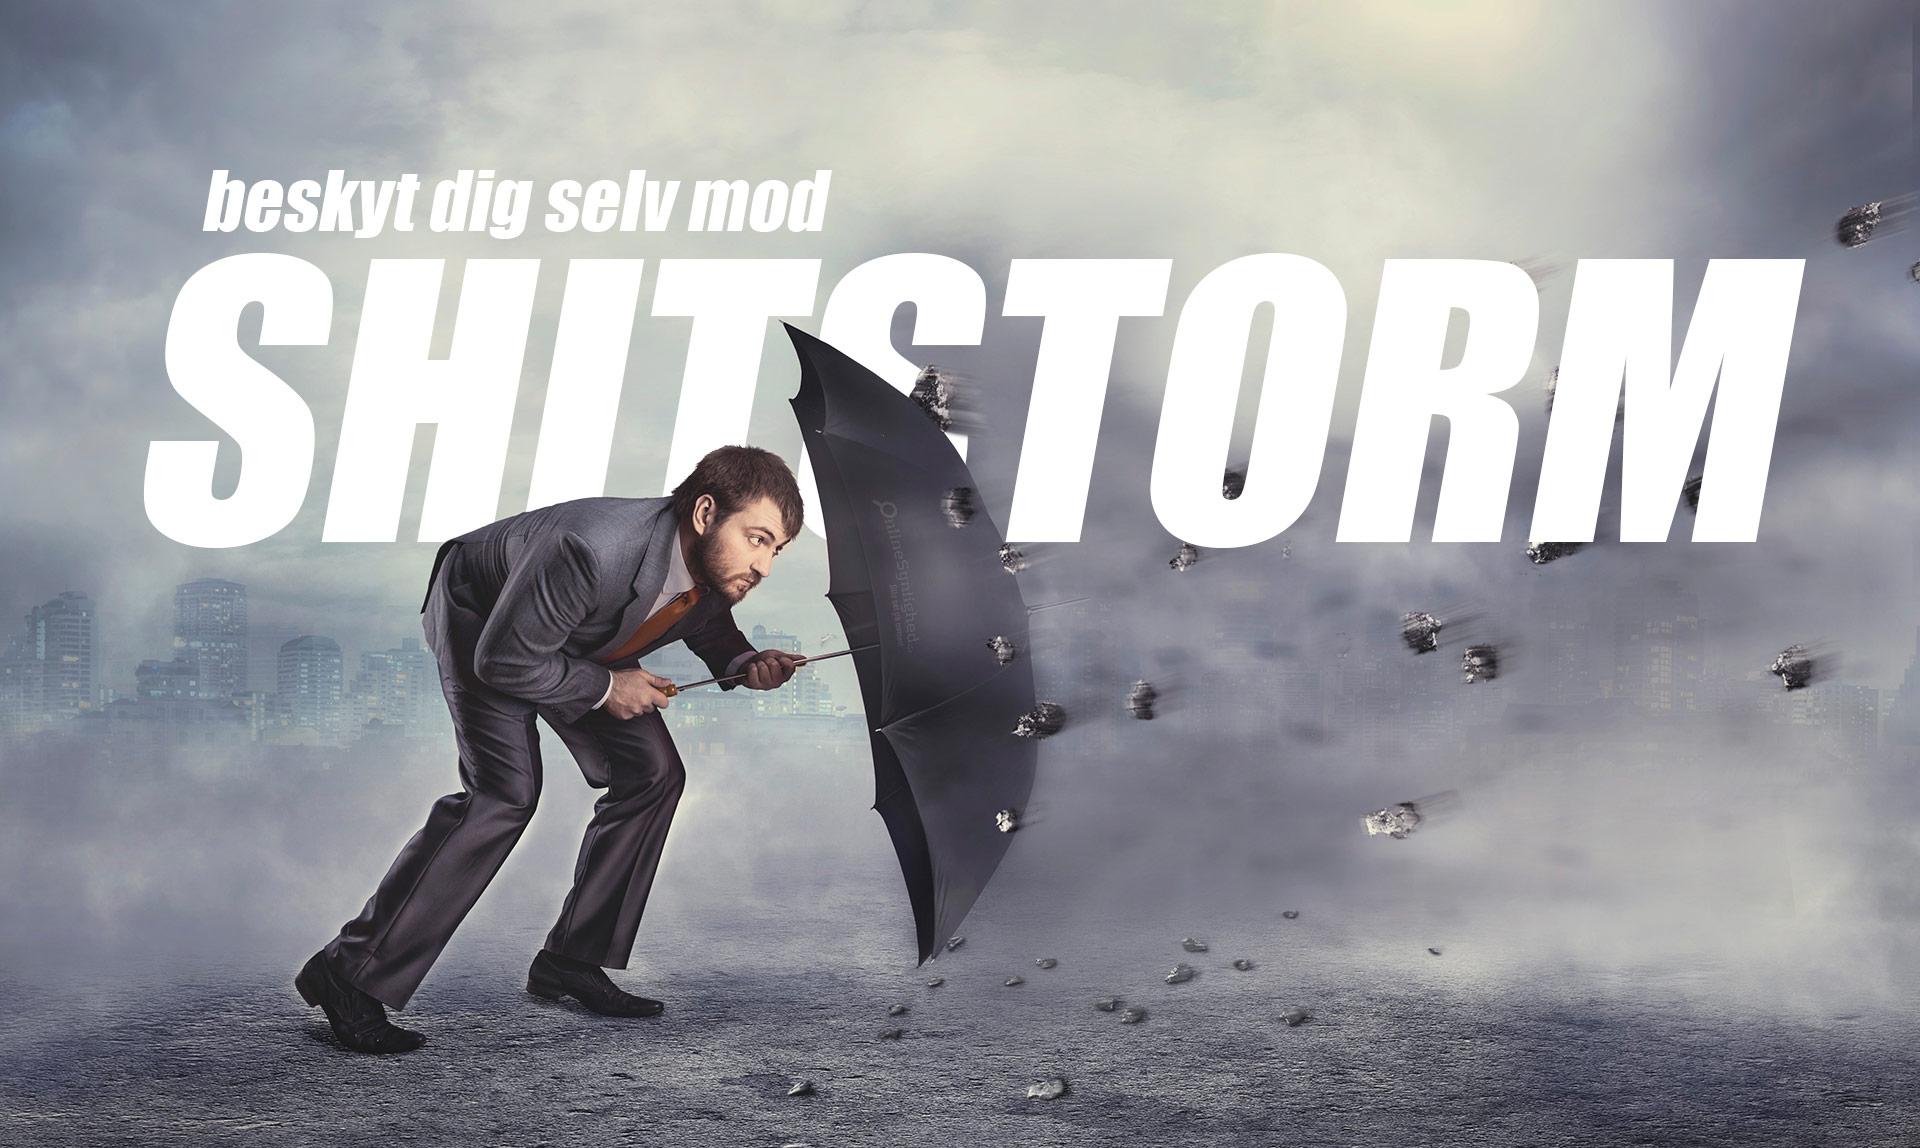 Beskyt dig selv mod shitstorm